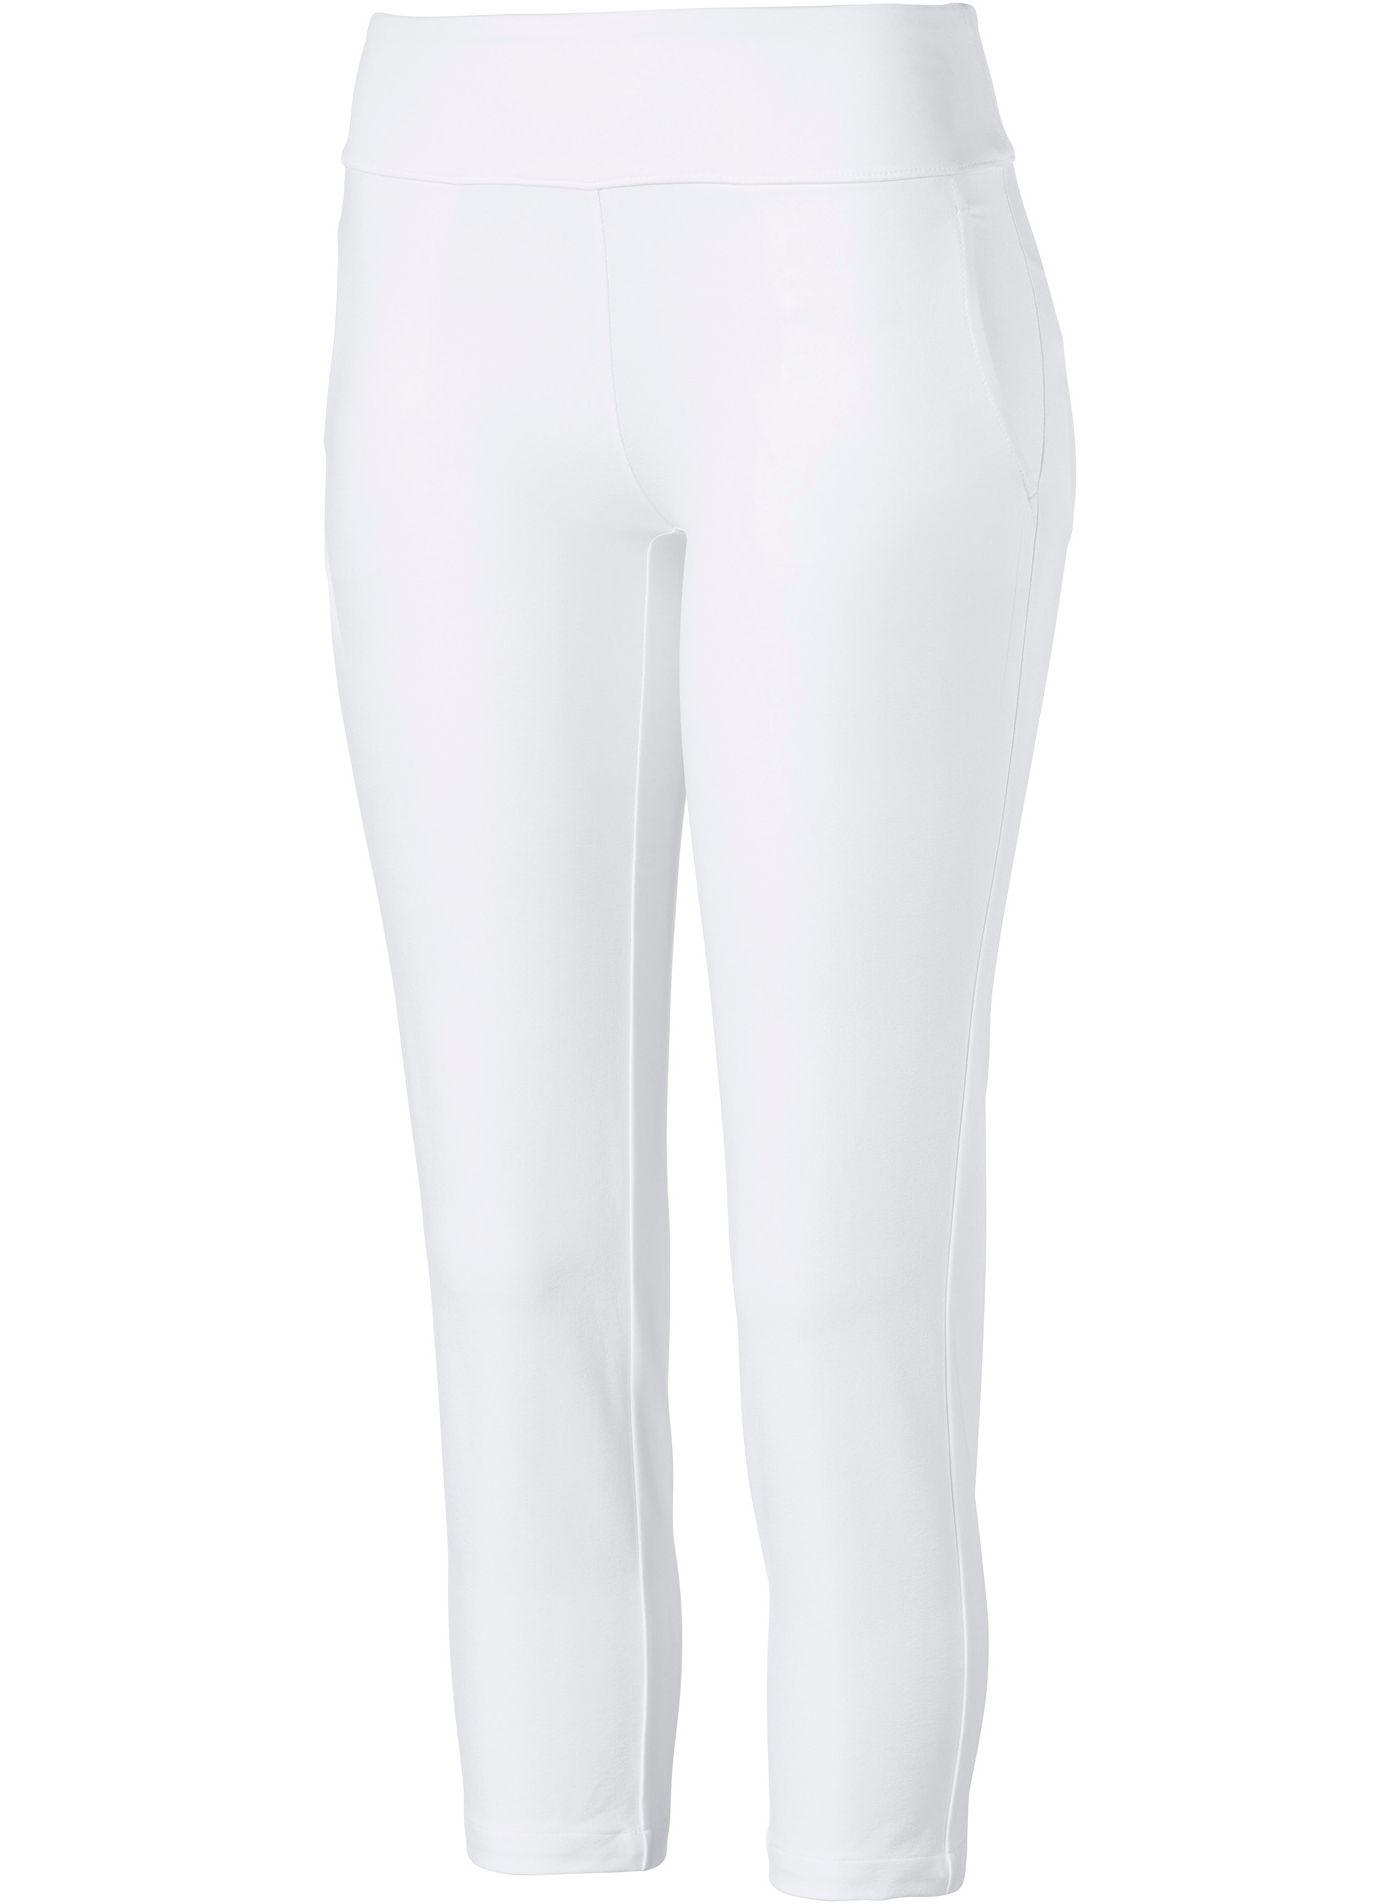 PUMA Girls' Golf Pants